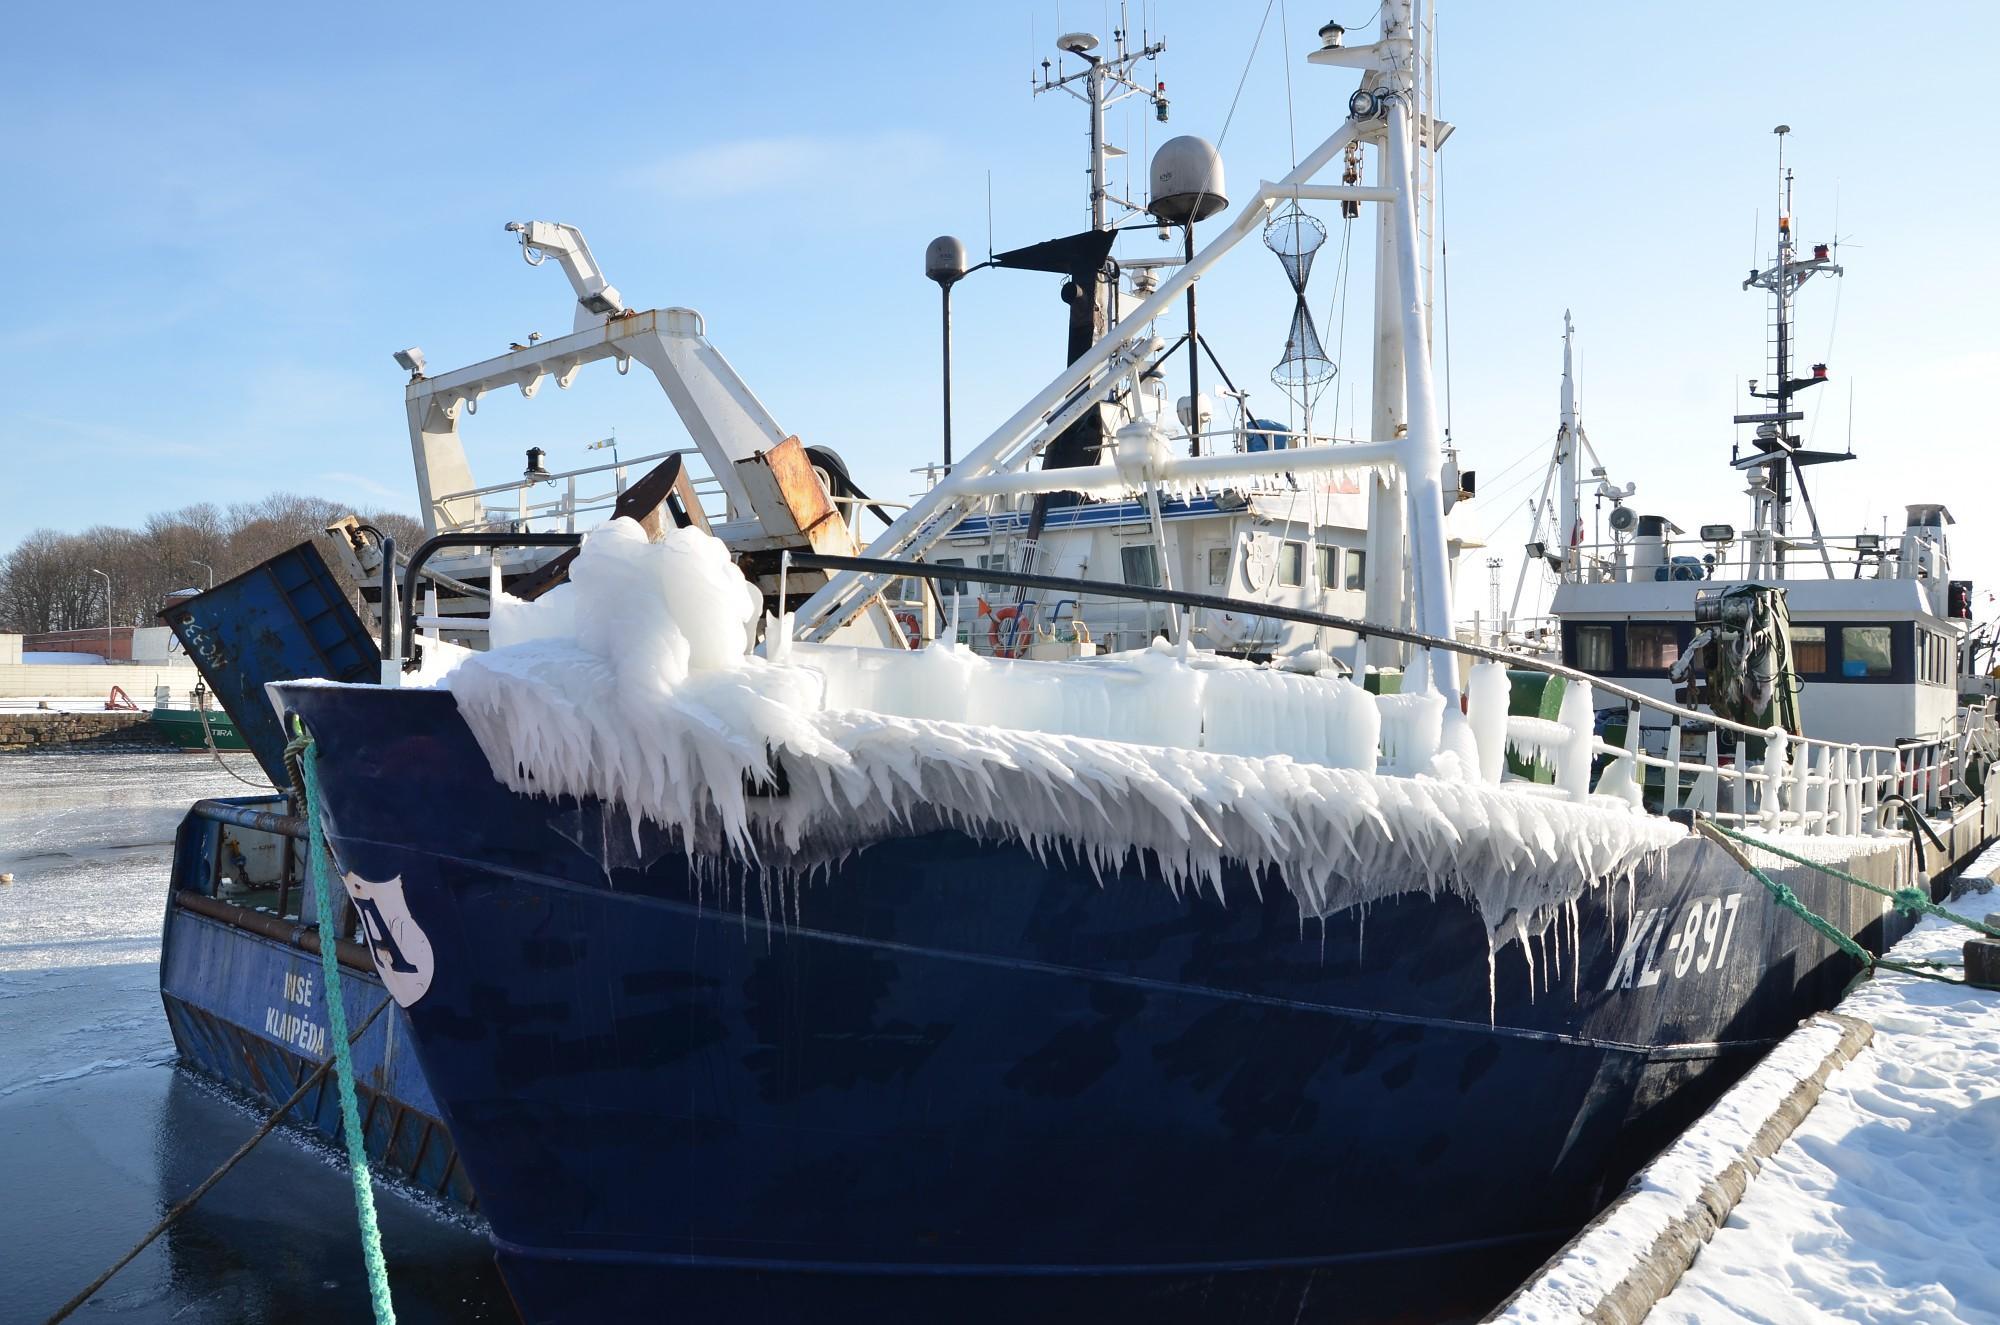 Sals šorīt sasniedzis mīnus 18,6 grādus